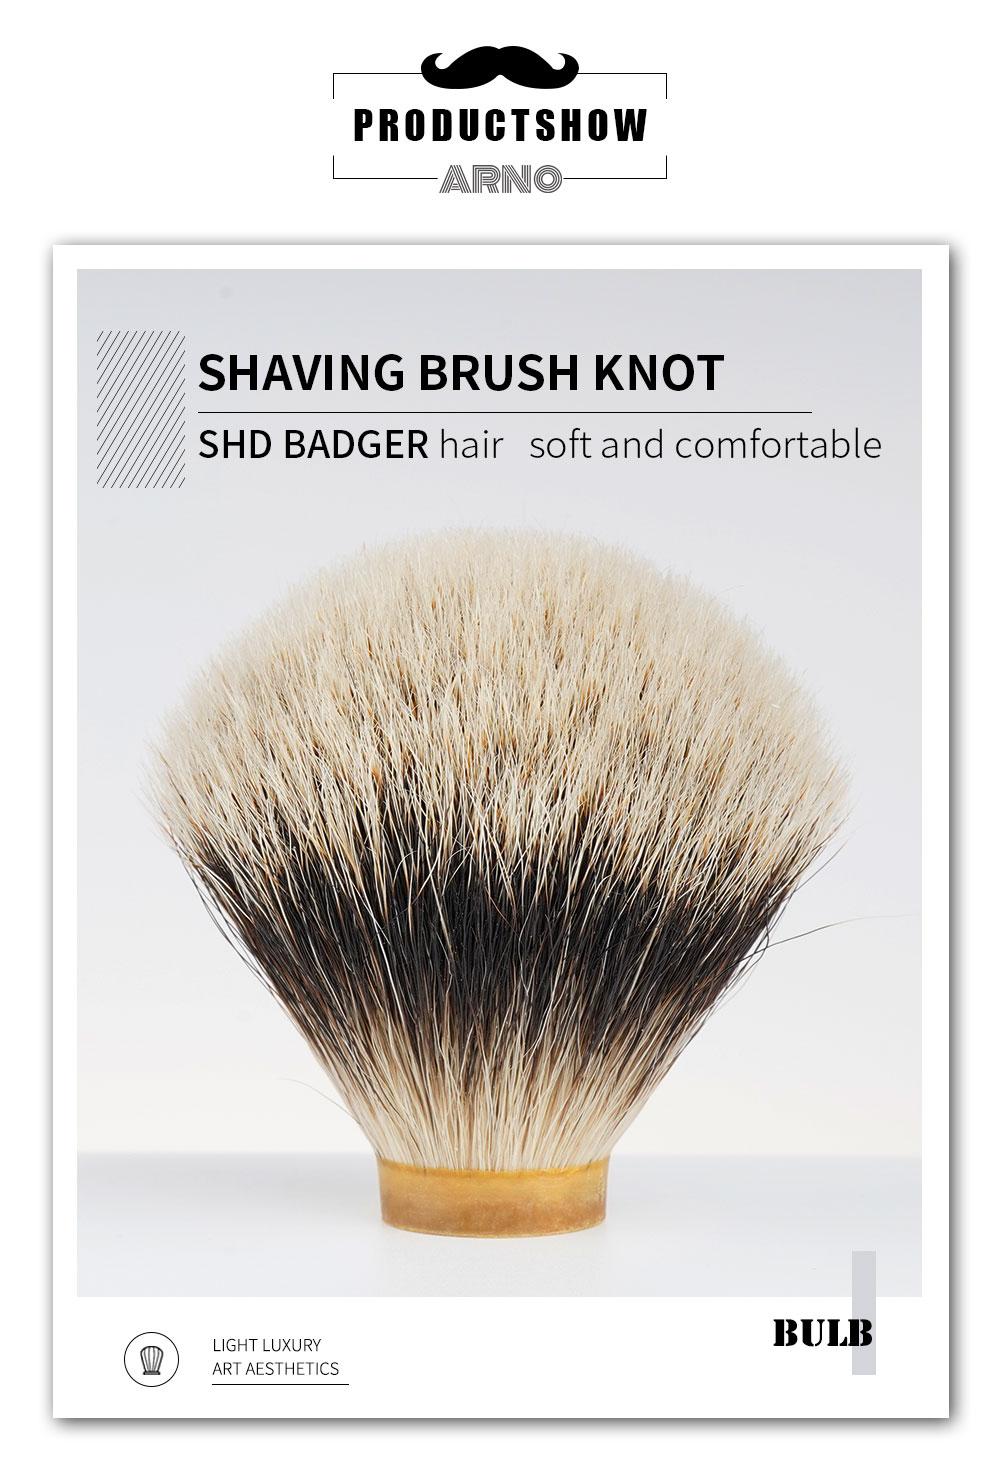 ARNOBRUSH-SHD melhor dois banda-distante hill texugo cabelo escova de barbear nós